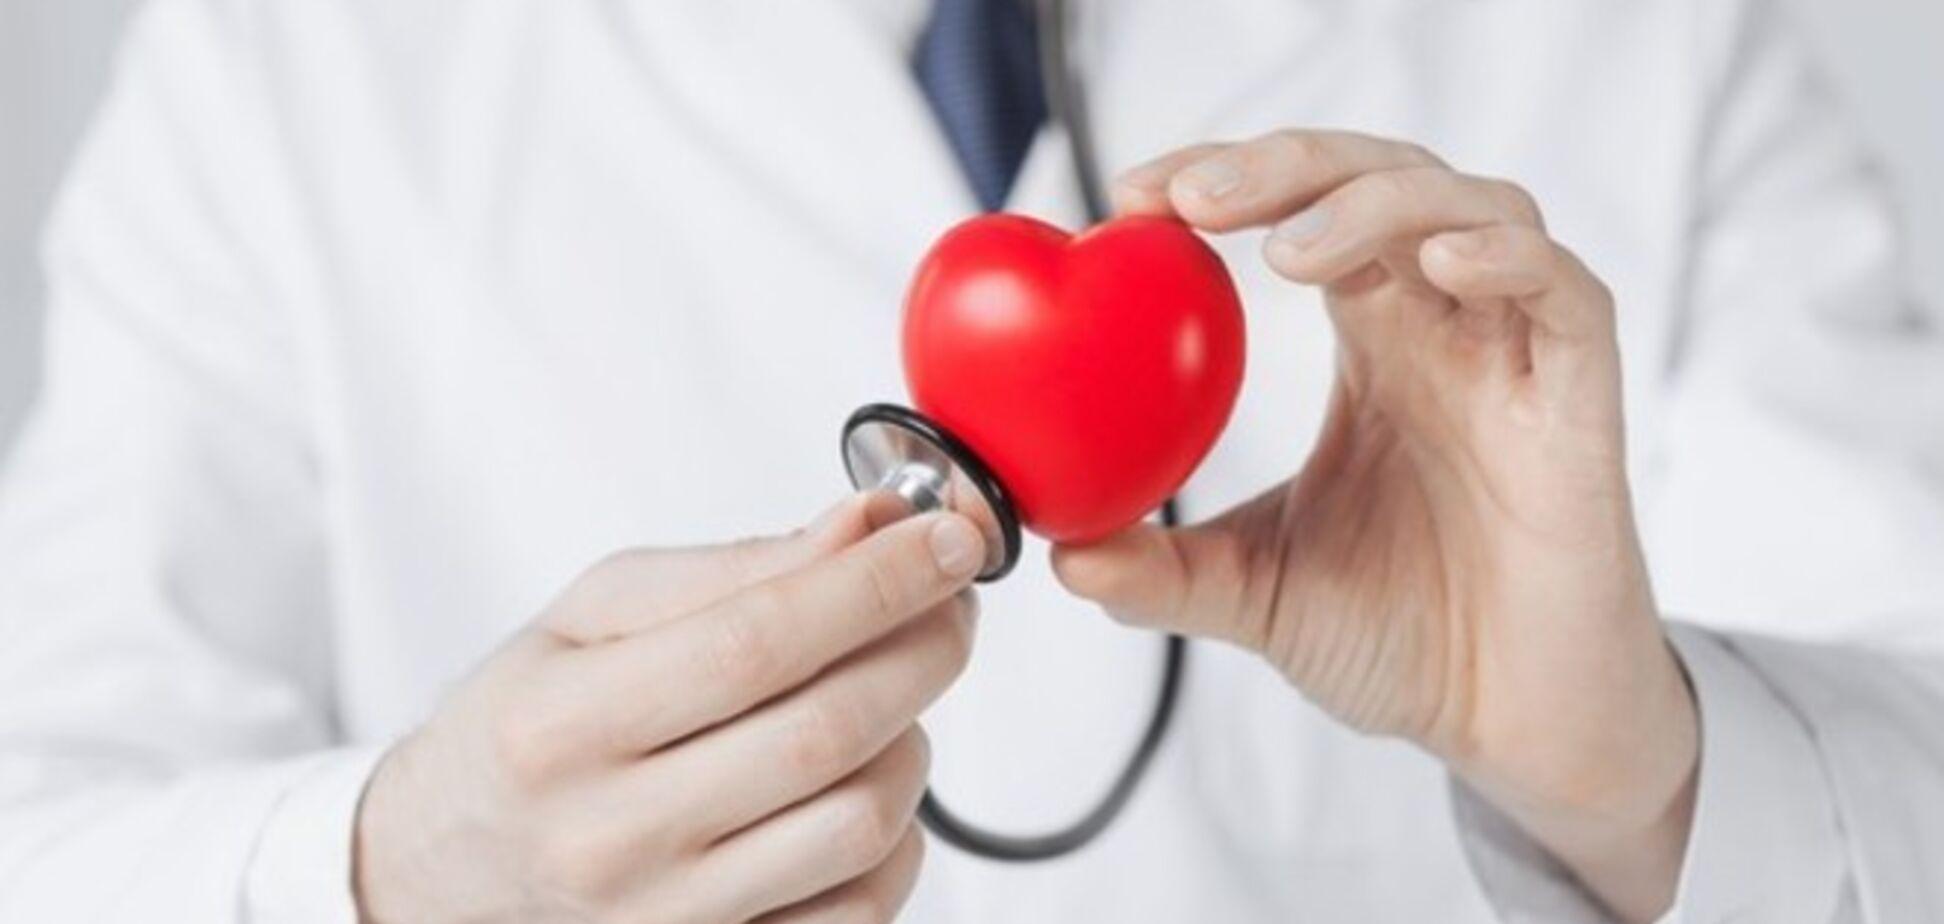 Кардиологи назвали 6 неожиданных признаков приближающегося сердечного приступа